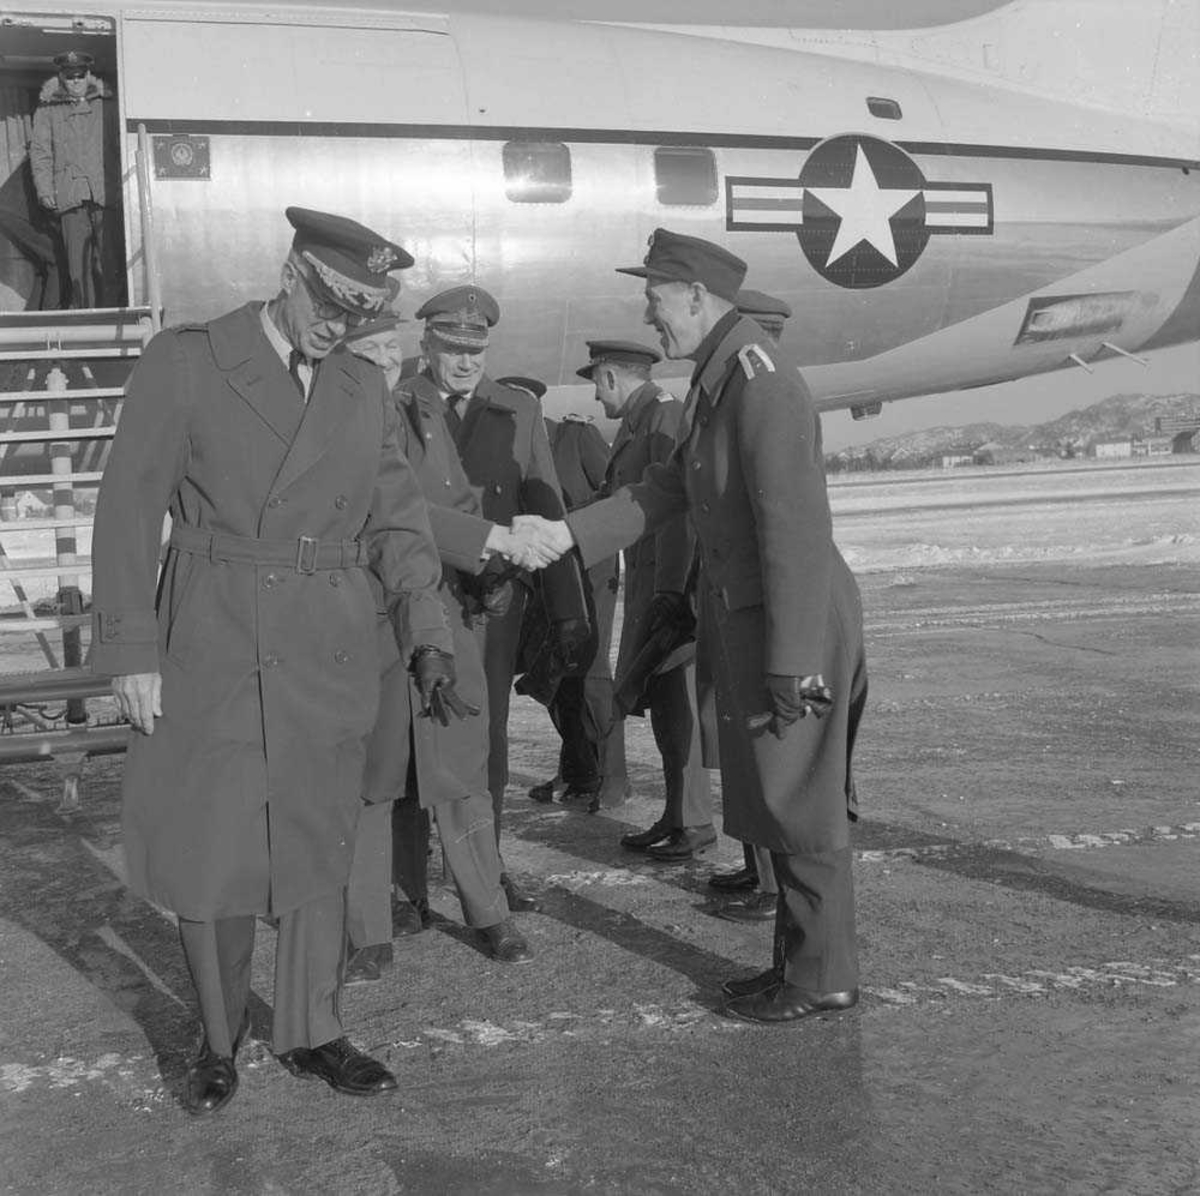 General Goodpasler besøker Bodø flystasjon. Han sees til venstre i bildet og til høyre sees Oberst E. Tjensvoll, som mottar besøket. Flyet i bakgrunnen er en Douglas DC-6.